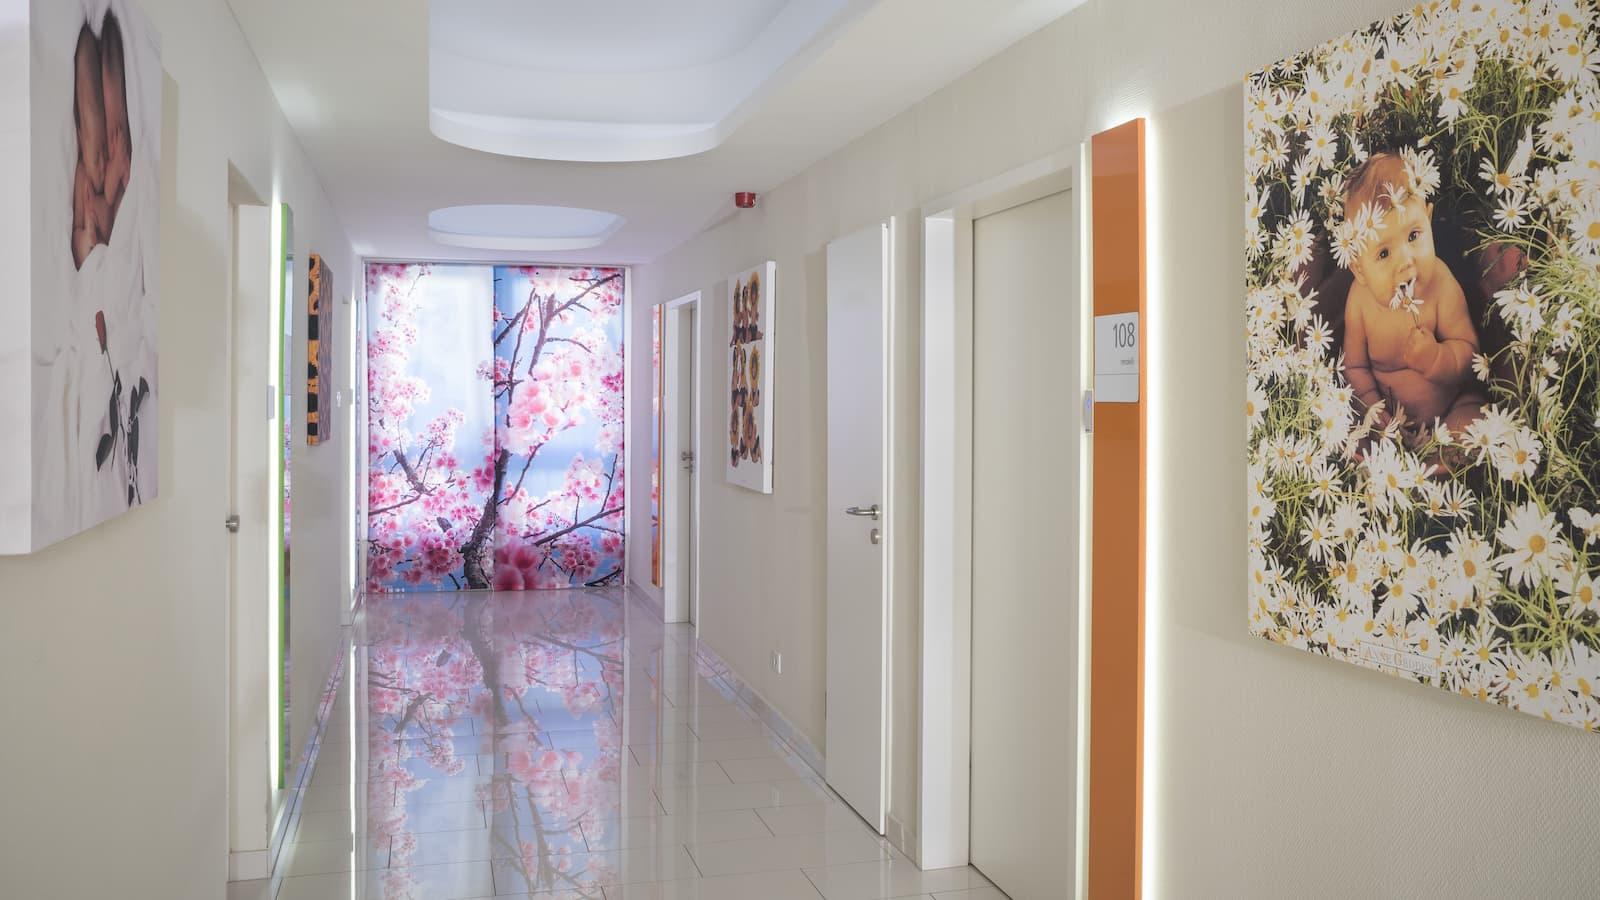 Géndiagnosztika emeleti folyosó